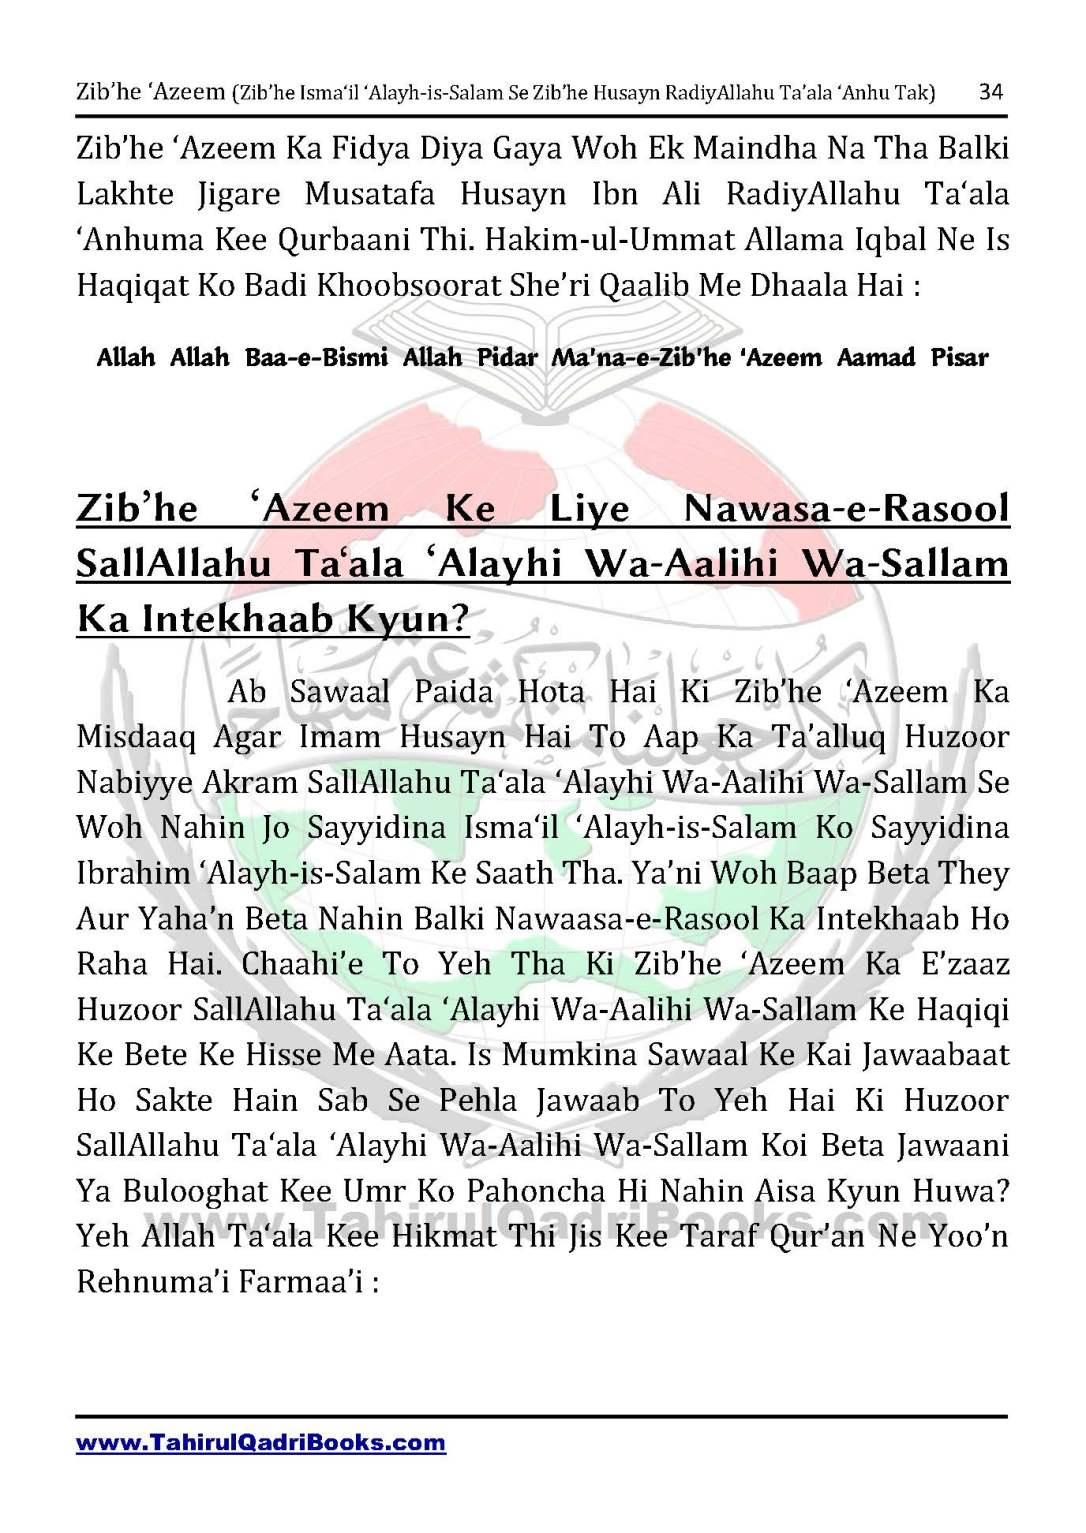 zib_he-e28098azeem-zib_he-ismacabbil-se-zib_he-husayn-tak-in-roman-urdu-unlocked_Page_034